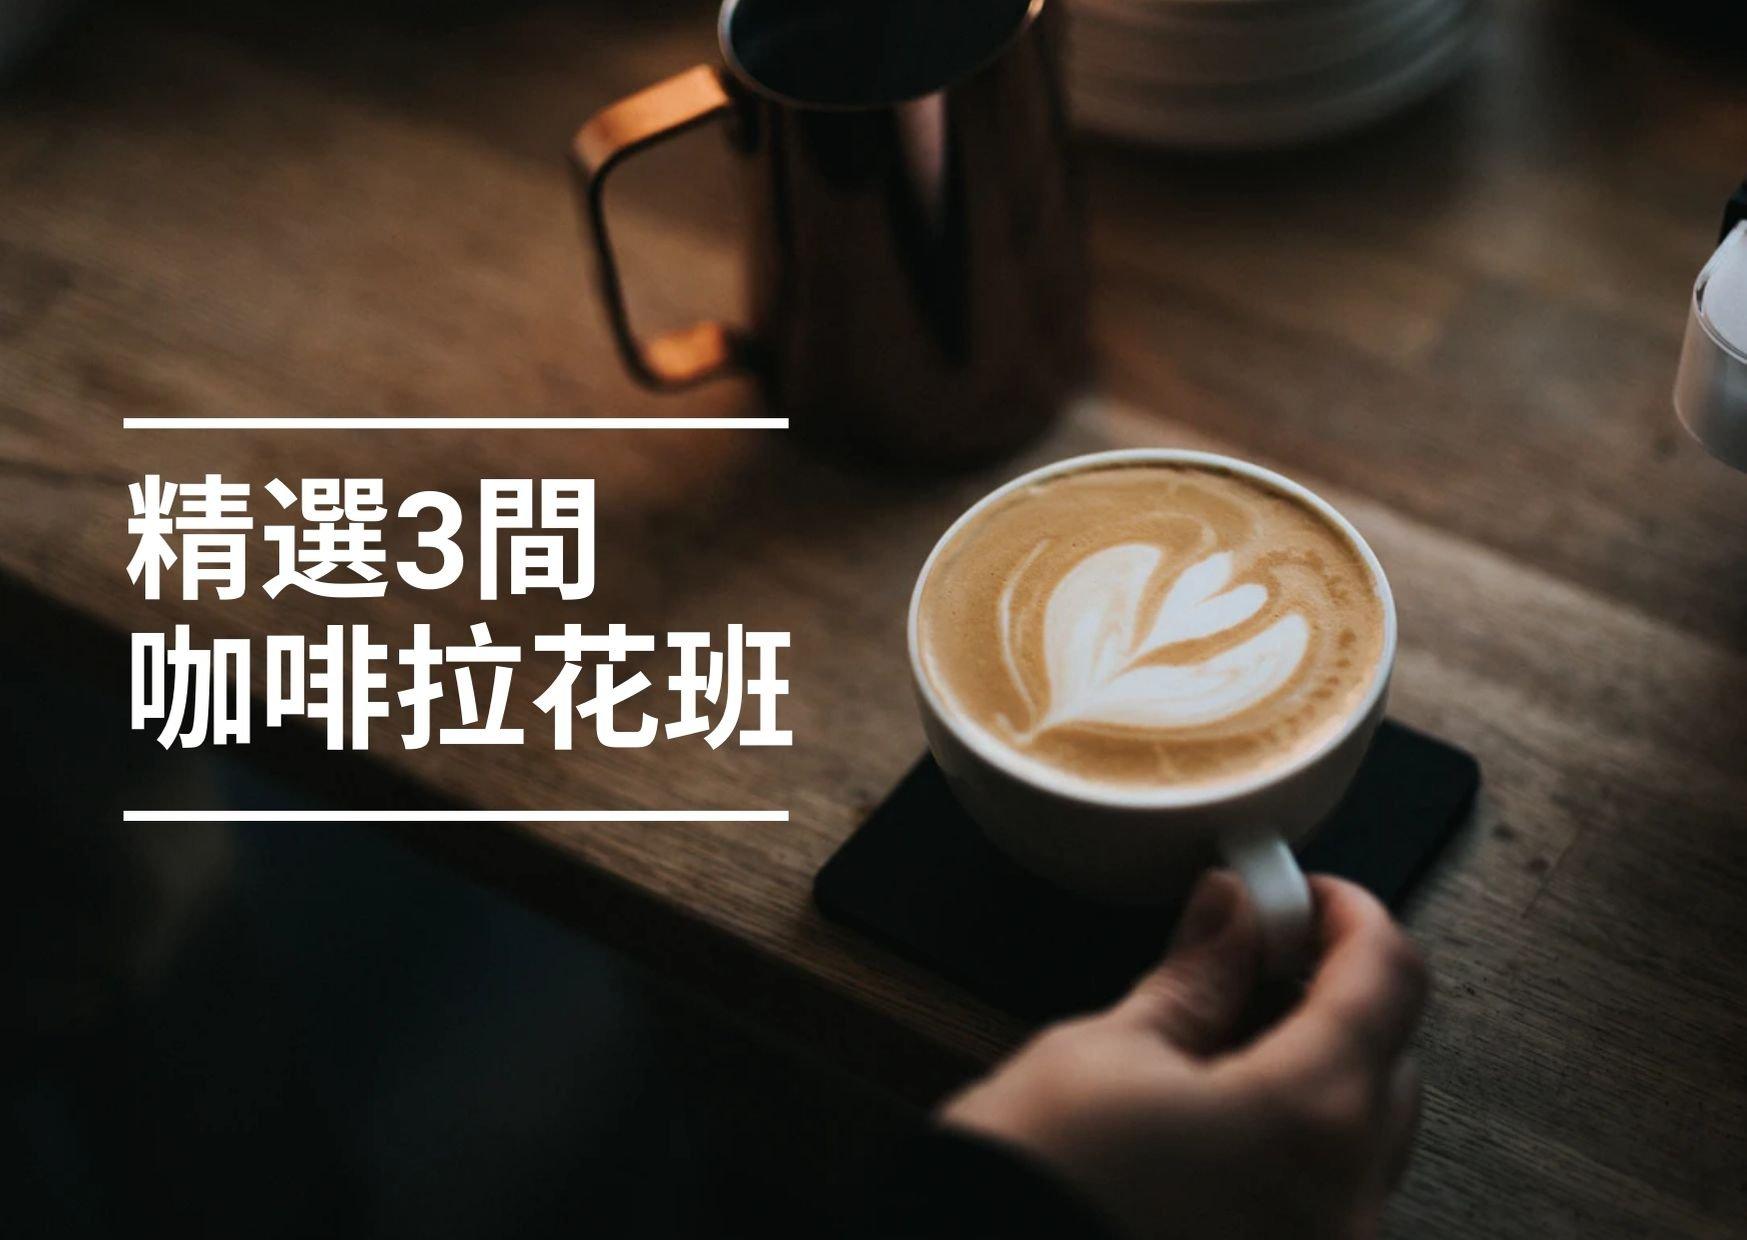 【香港好去處】2021必試!香港3間人氣咖啡拉花班